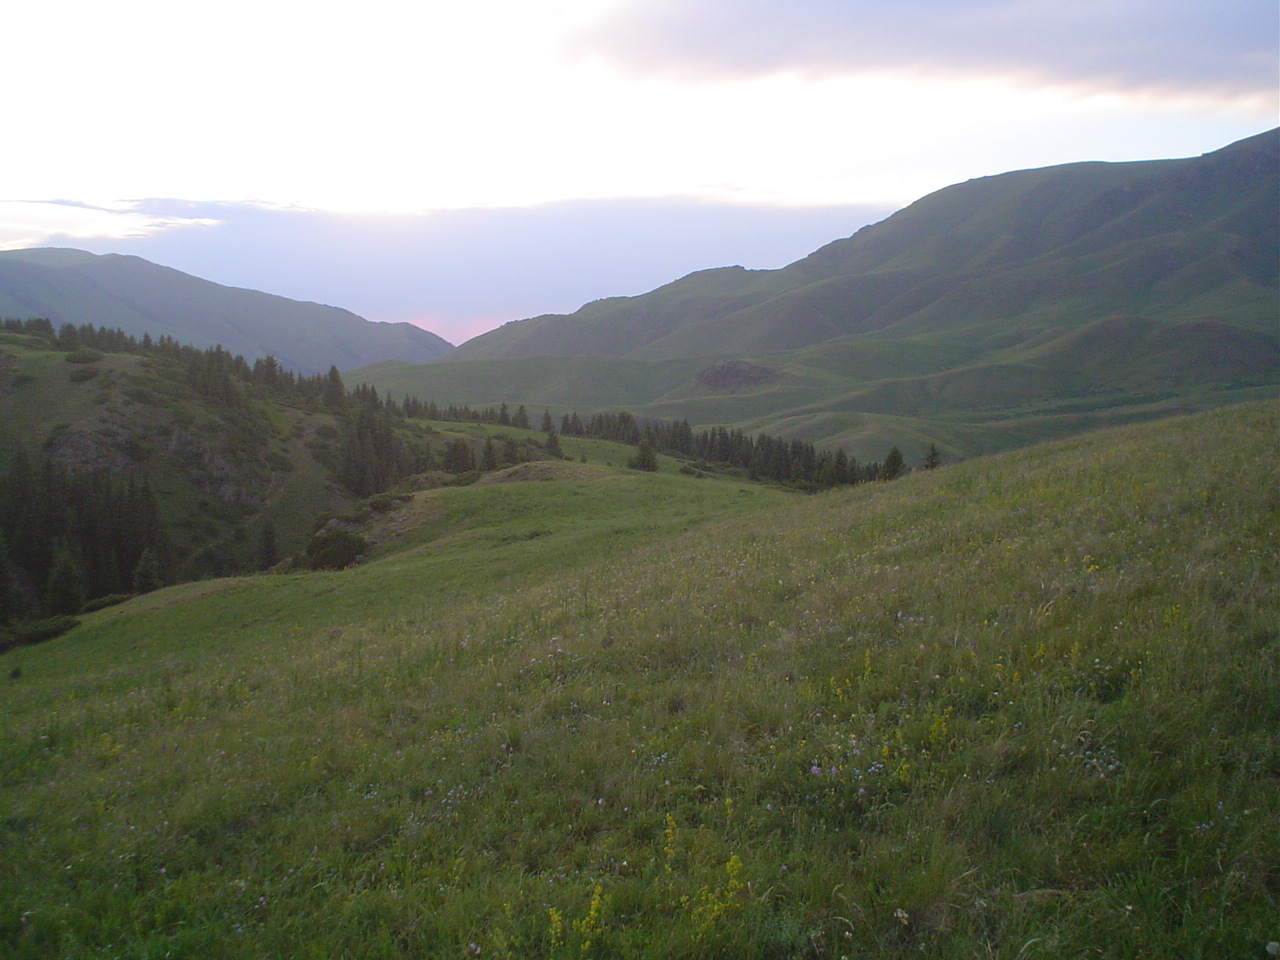 Parque Nacional de Ile-Alatau, Cazaquistão - Ásia Central 35